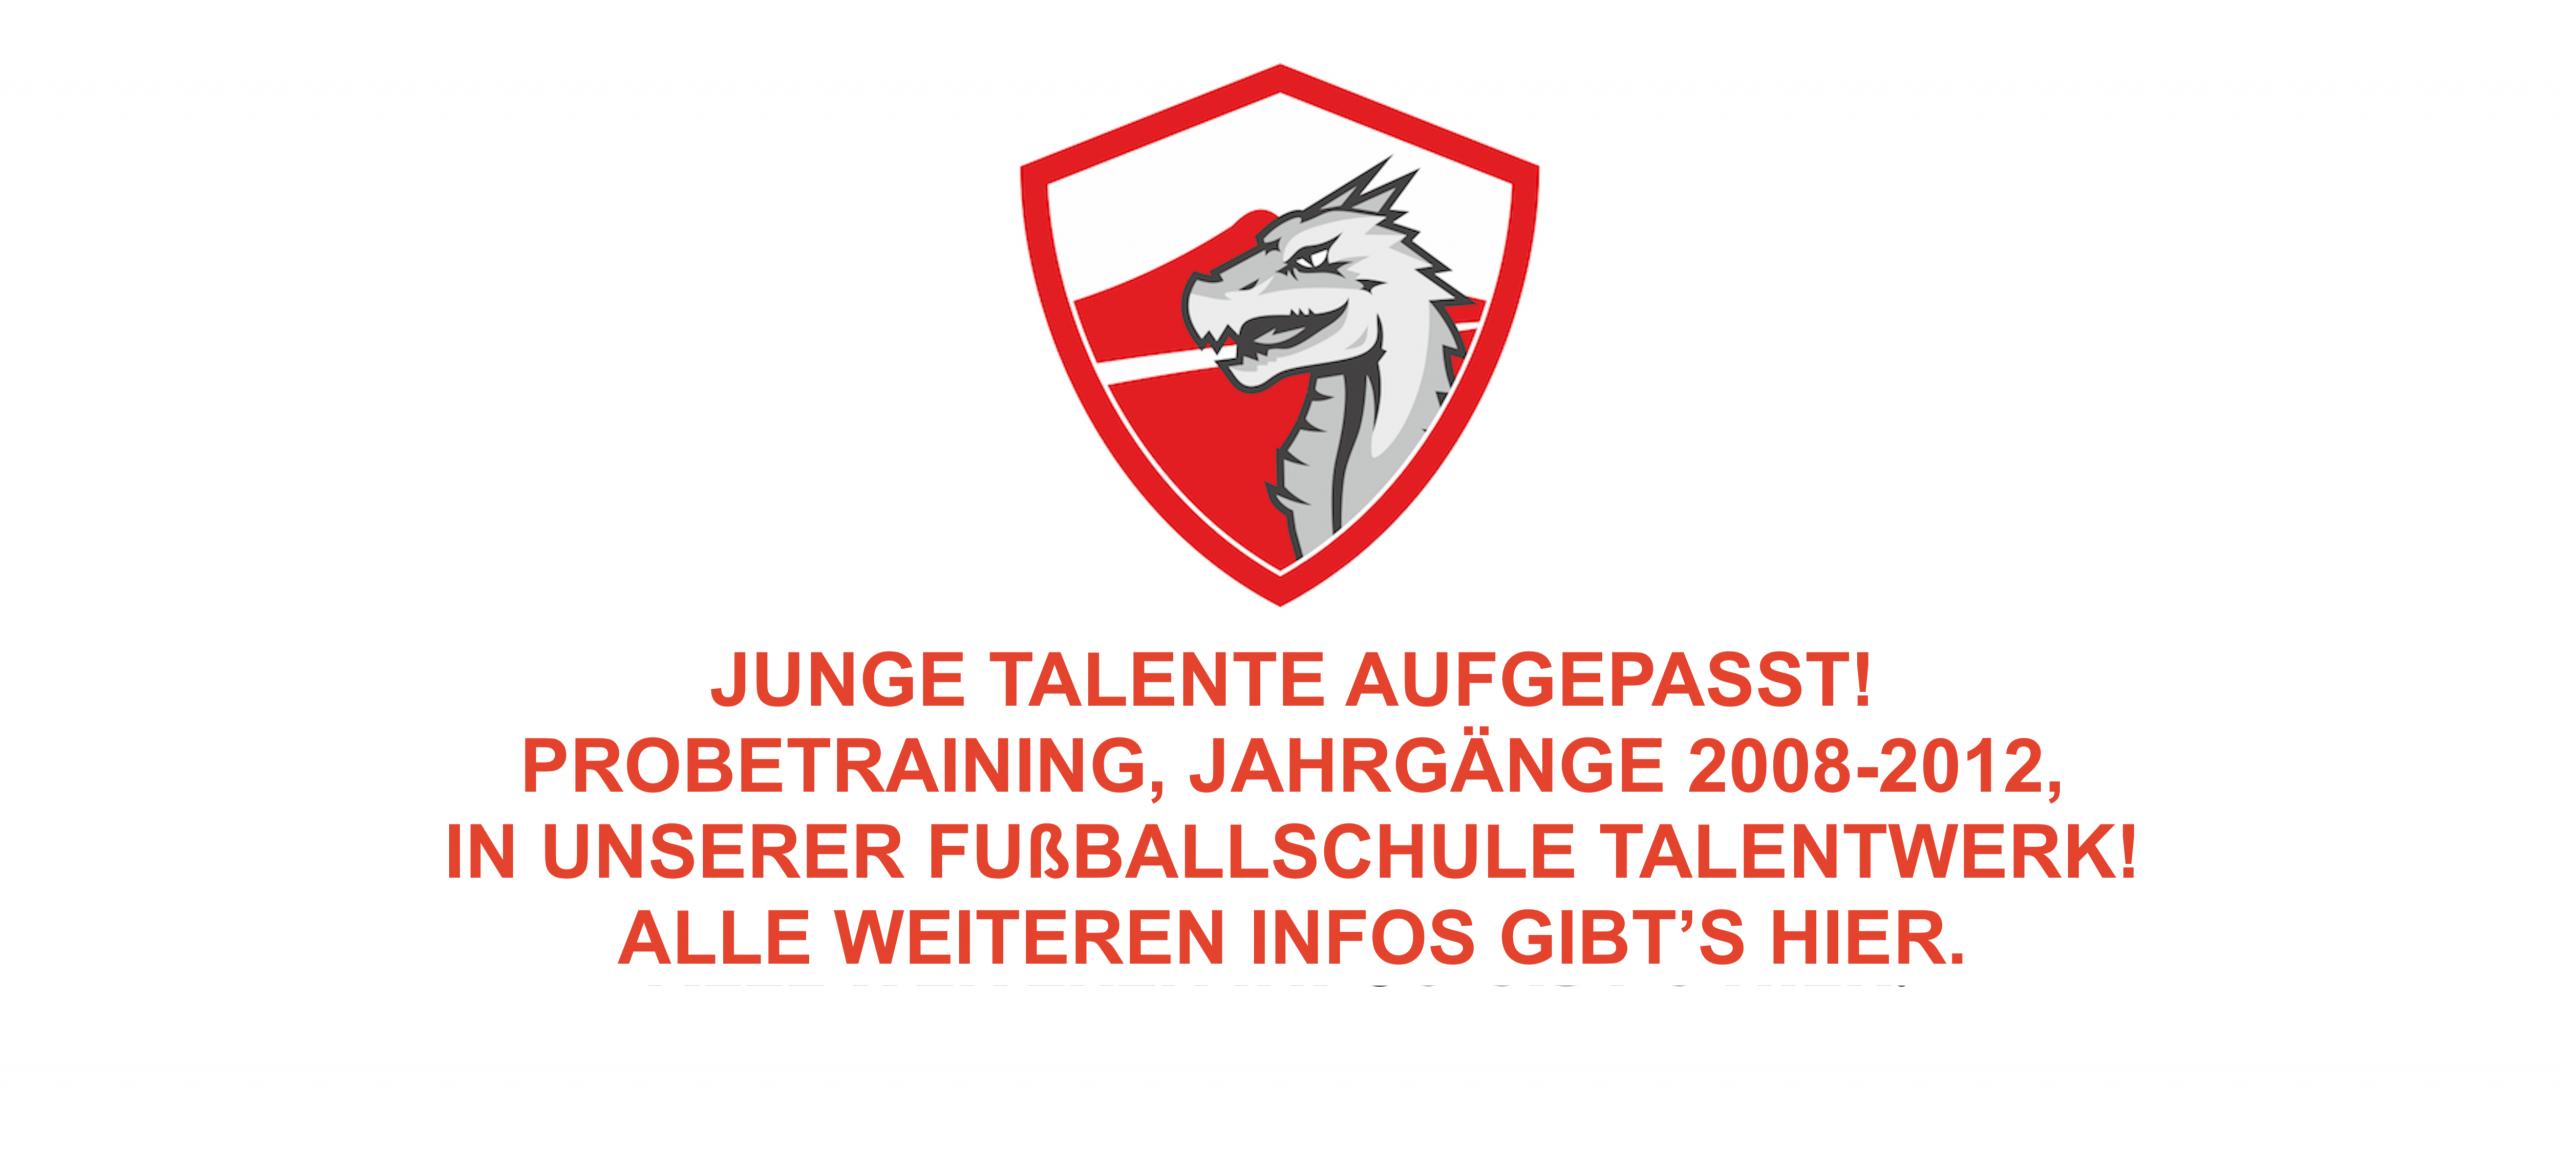 Link zum Talentwerk, Jahrgänge 2008-2011